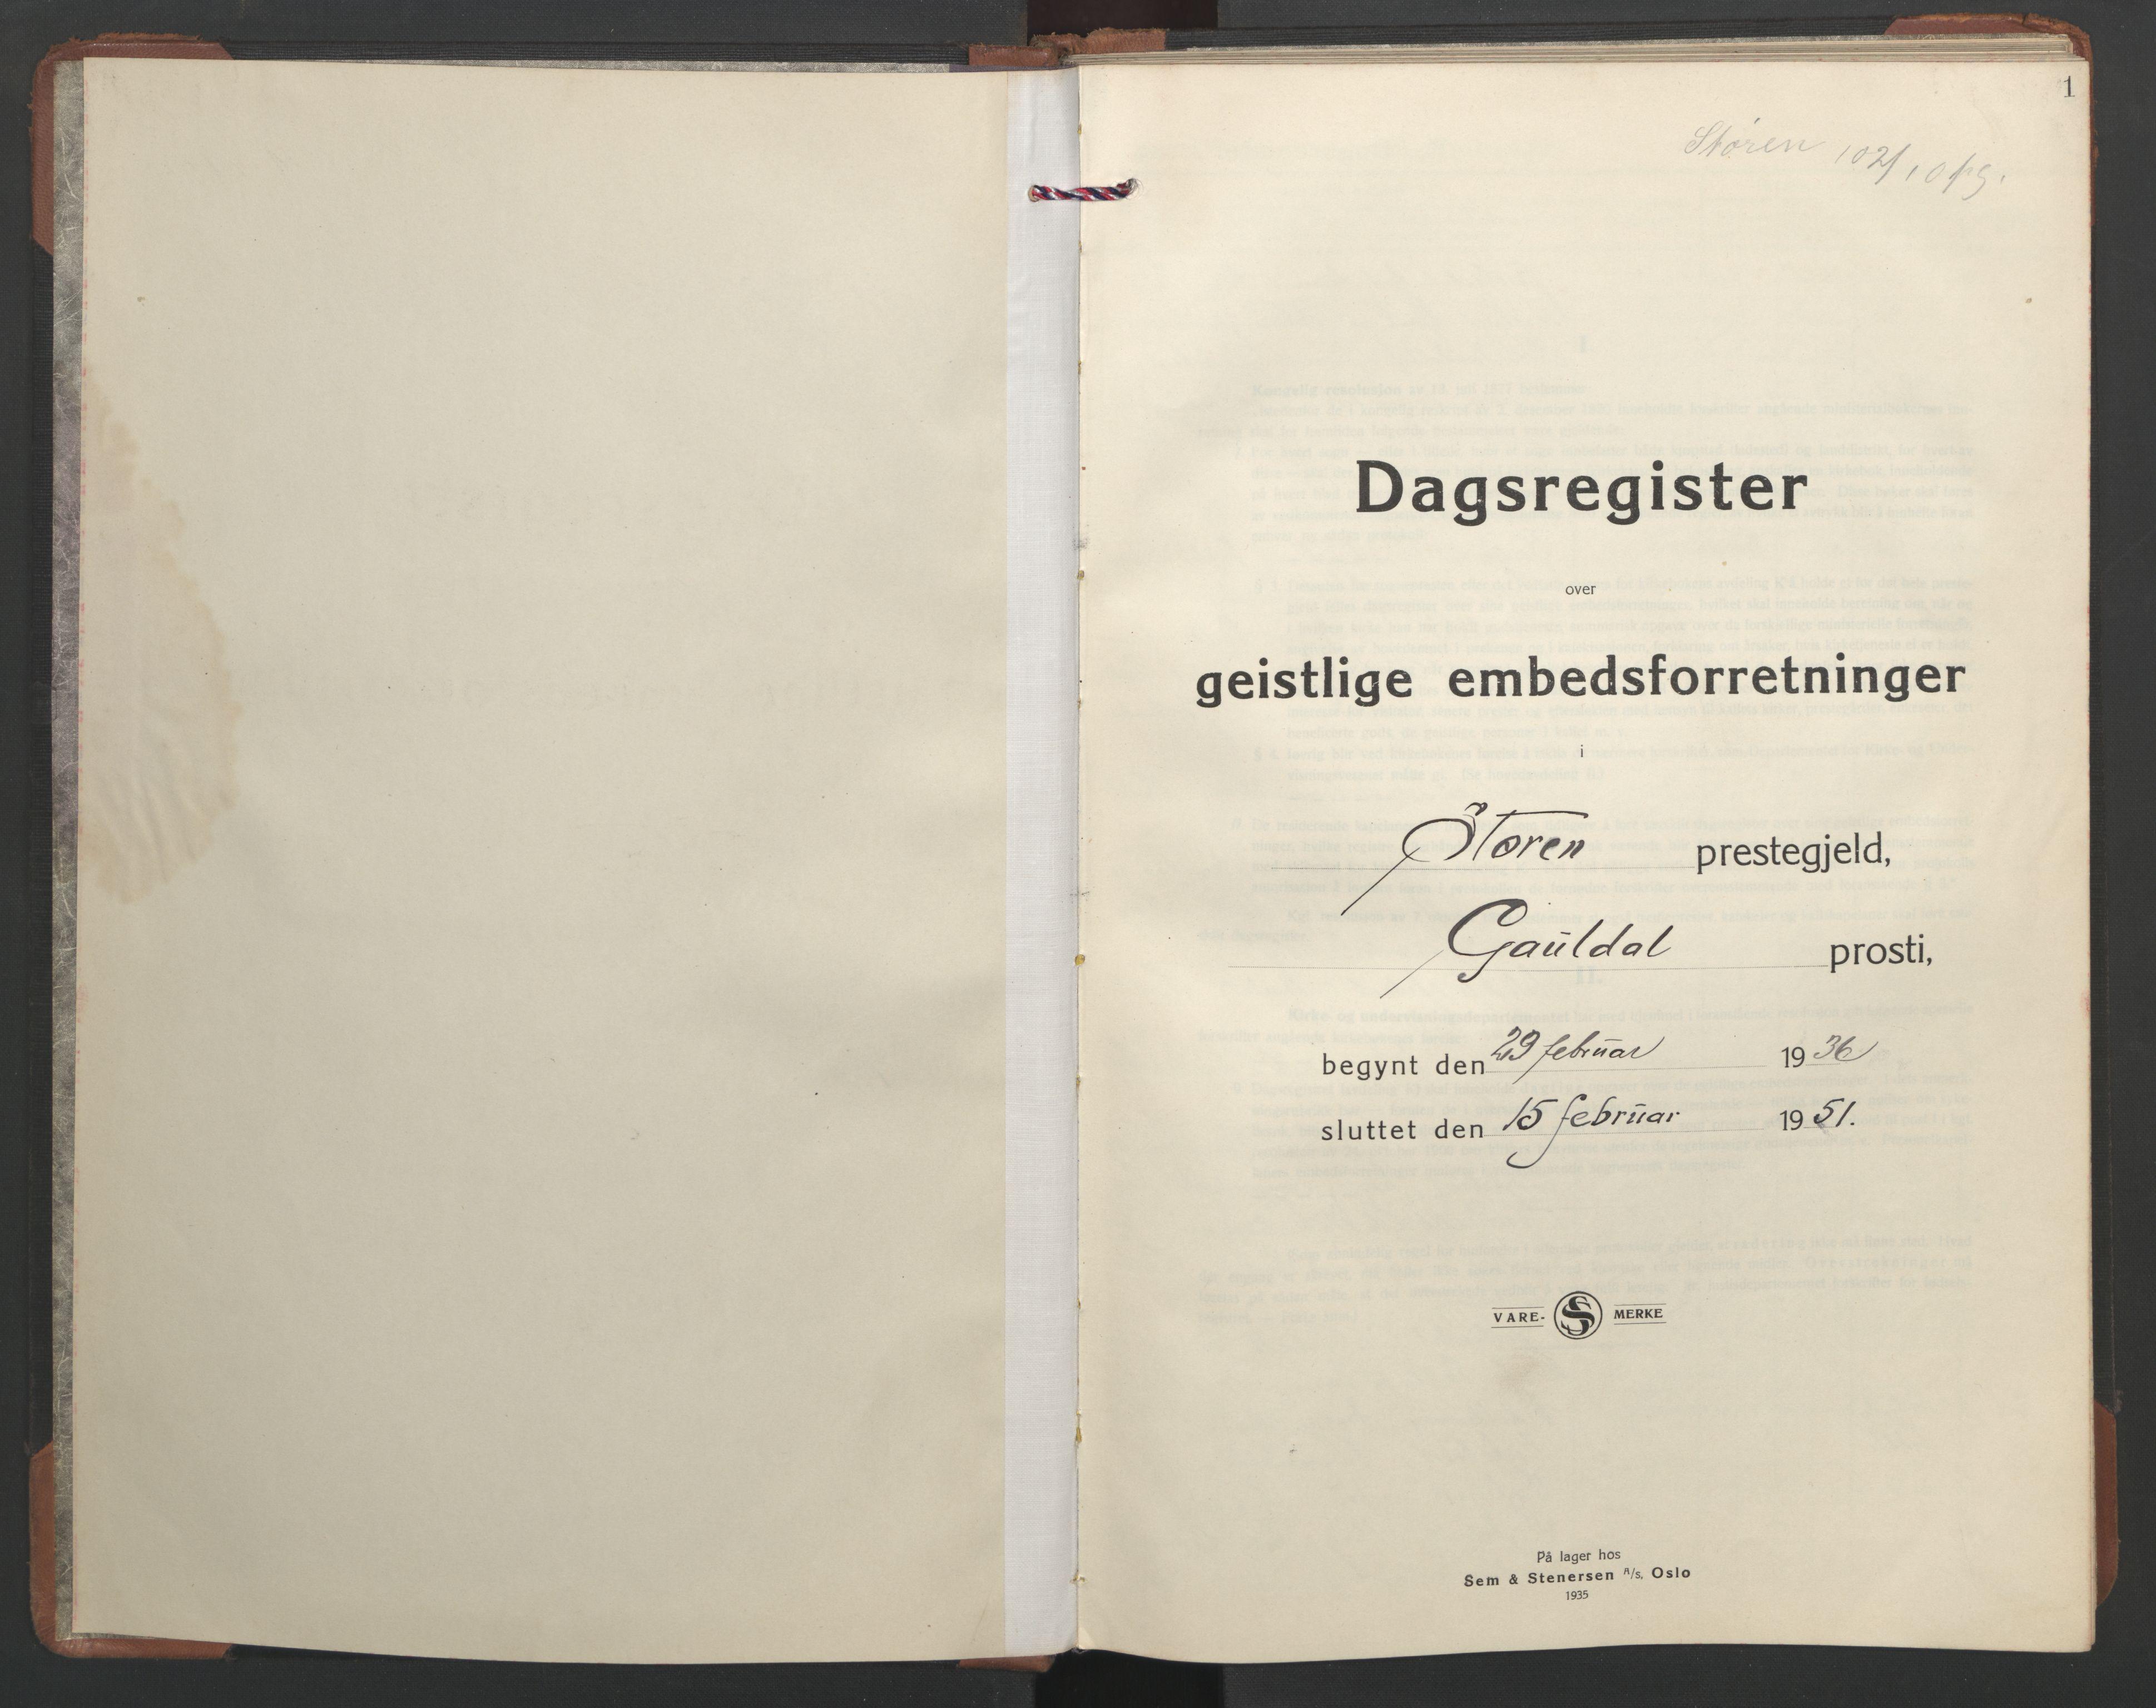 SAT, Ministerialprotokoller, klokkerbøker og fødselsregistre - Sør-Trøndelag, 687/L1014: Ministerialbok nr. 687B03, 1936-1951, s. 1